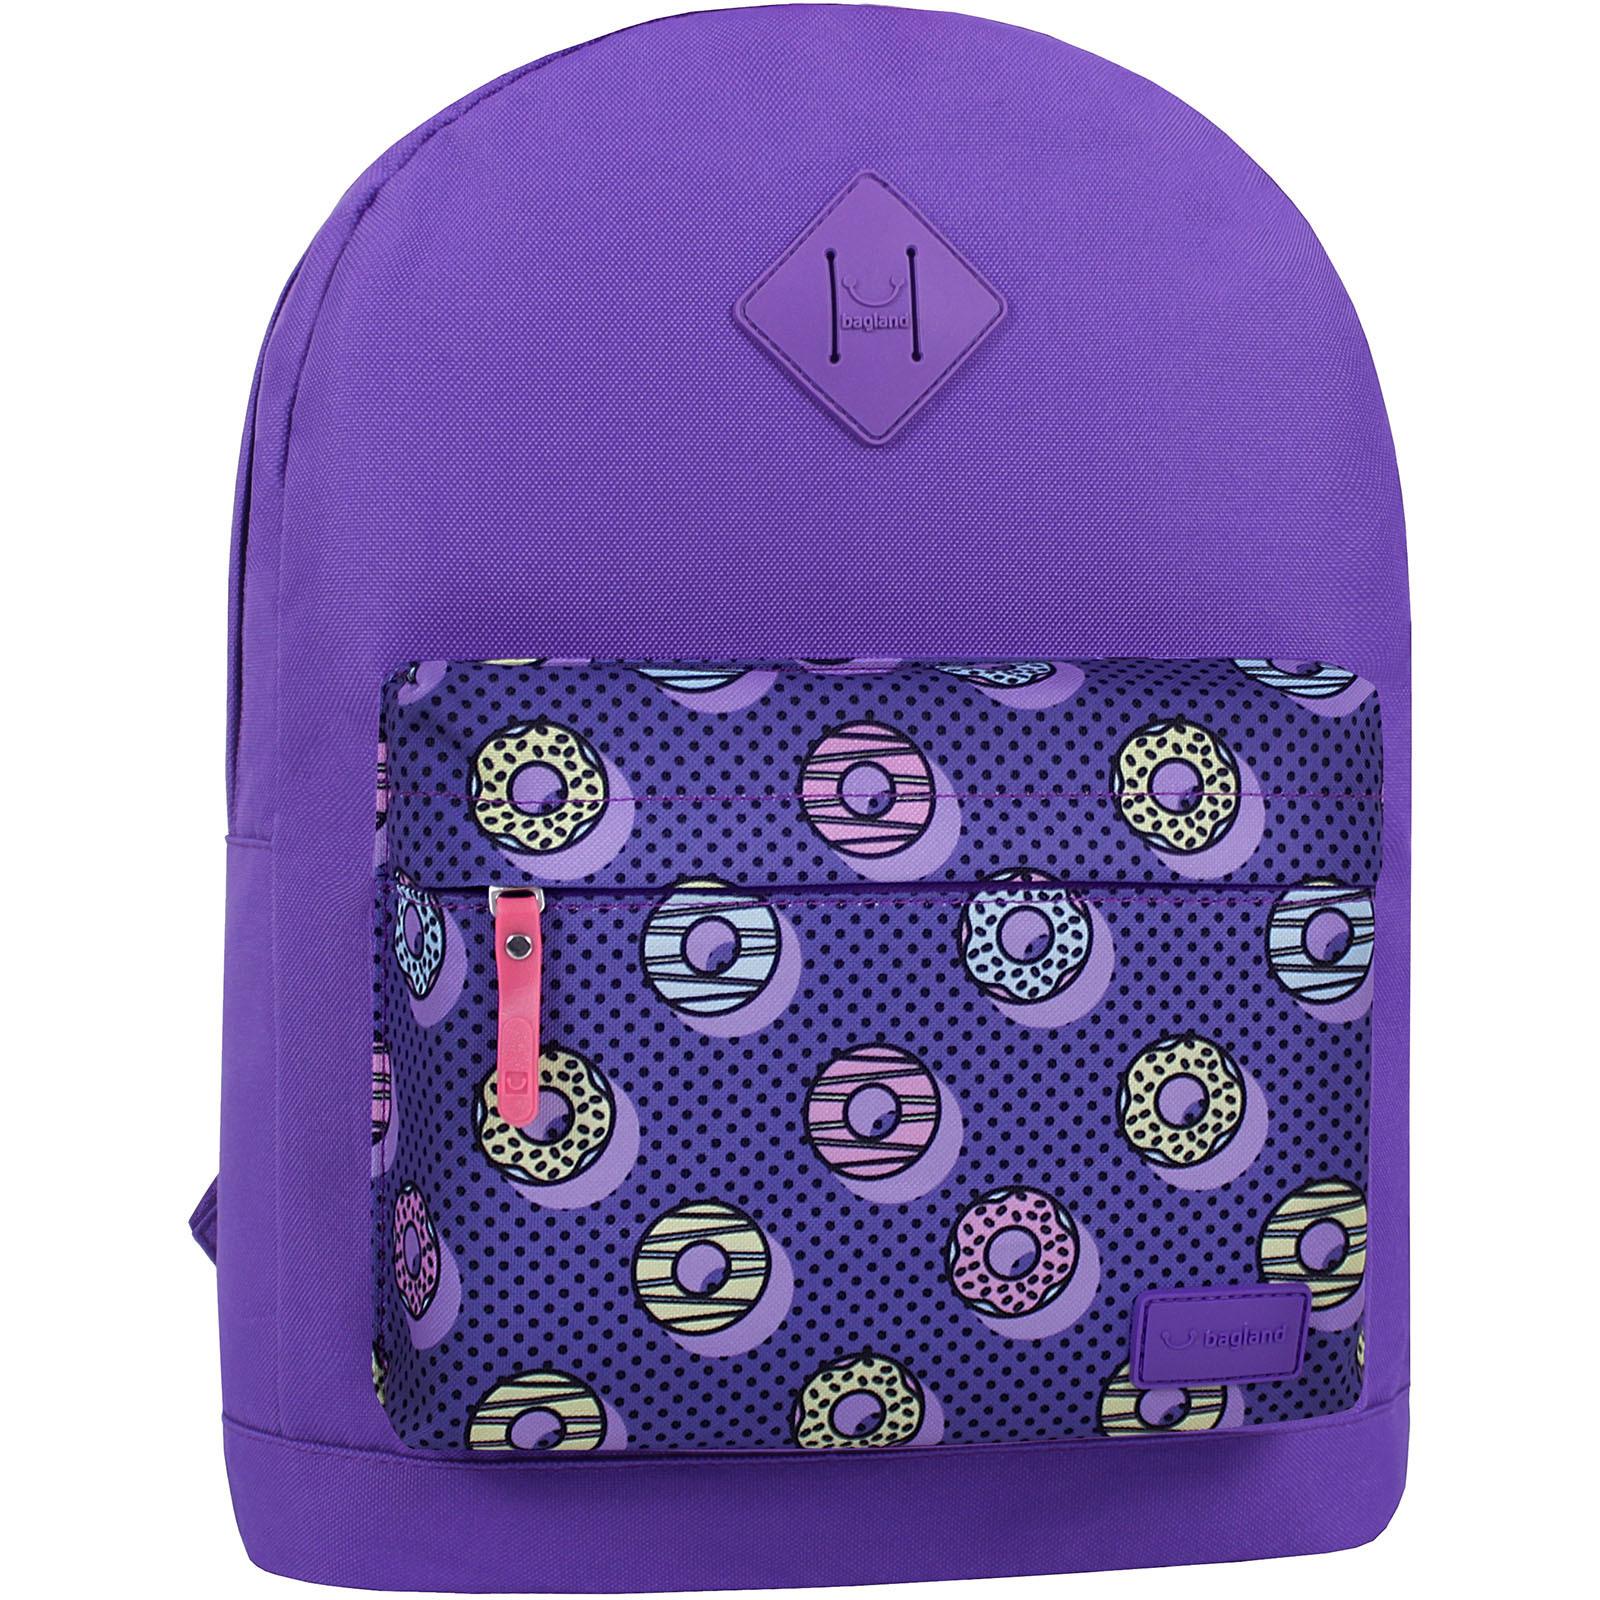 Молодежные рюкзаки Рюкзак Bagland Молодежный W/R 17 л. 170 Фиолетовый 745 (00533662) IMG_7425_суб.745_.JPG